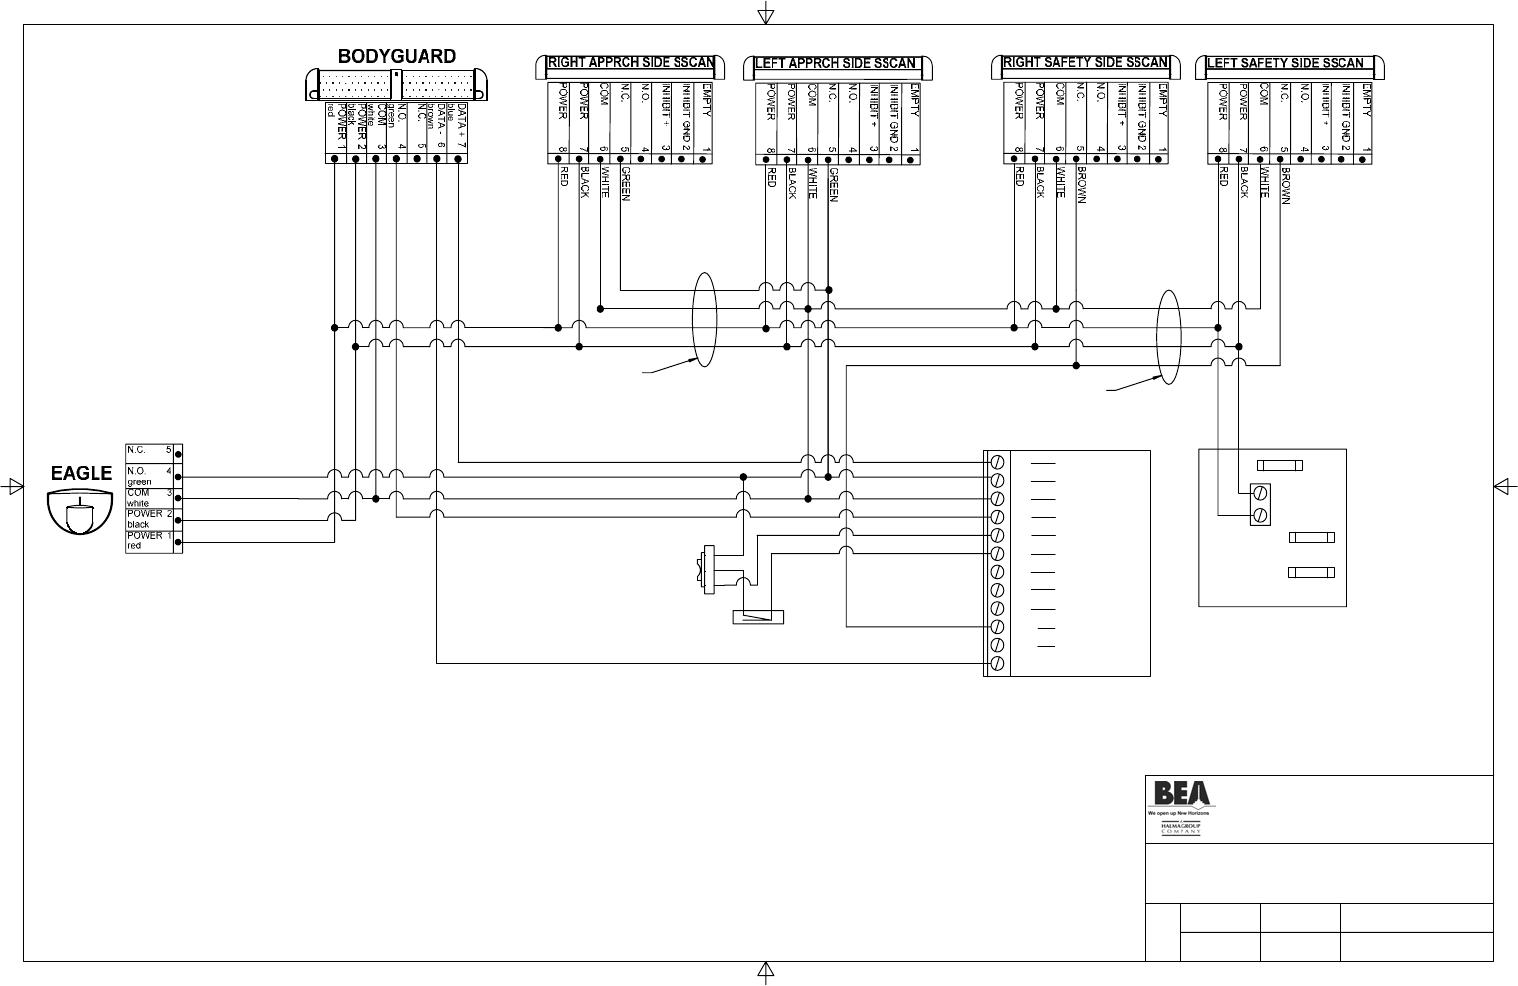 94039b03 c6f0 4630 ae4b cd4abc395ce4 bg9?resize\=665%2C432 horton c2150 wiring diagram horton profiler series 2000 \u2022 free Basic Electrical Wiring Diagrams at mifinder.co